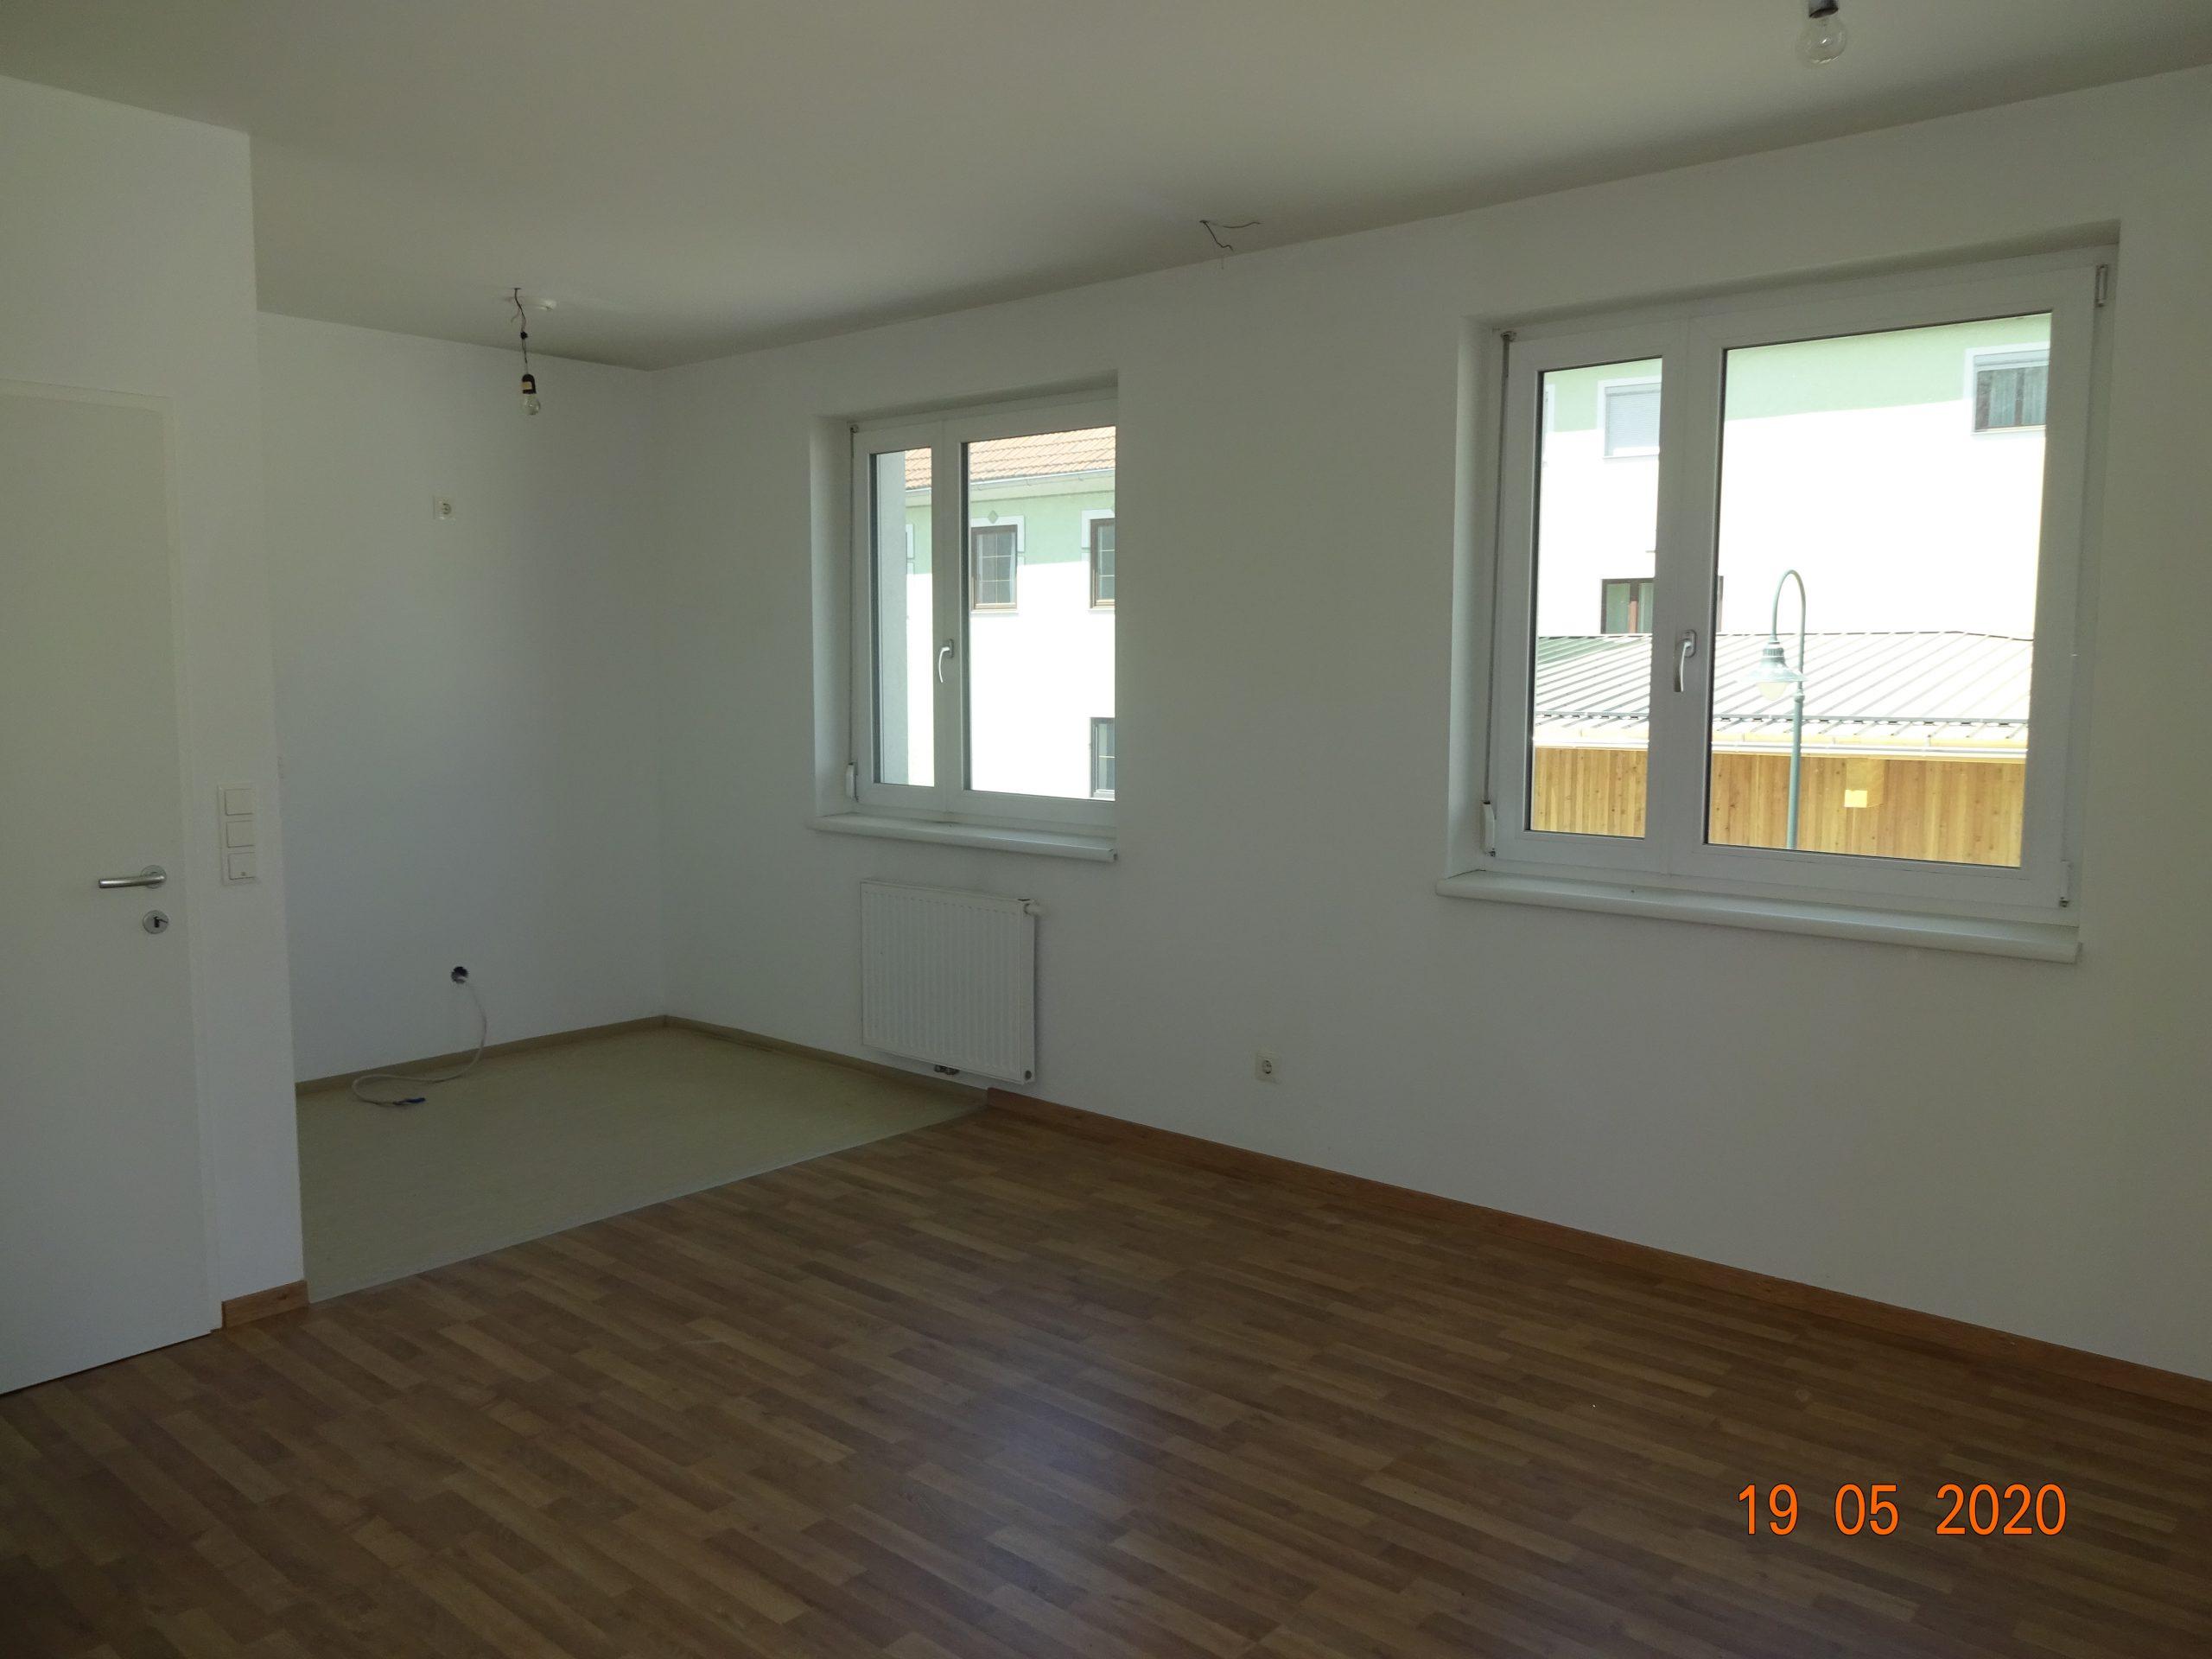 Immobilie von Kamptal in 3925 Arbesbach, Zwettl, Arbesbach II - Top 6 #1